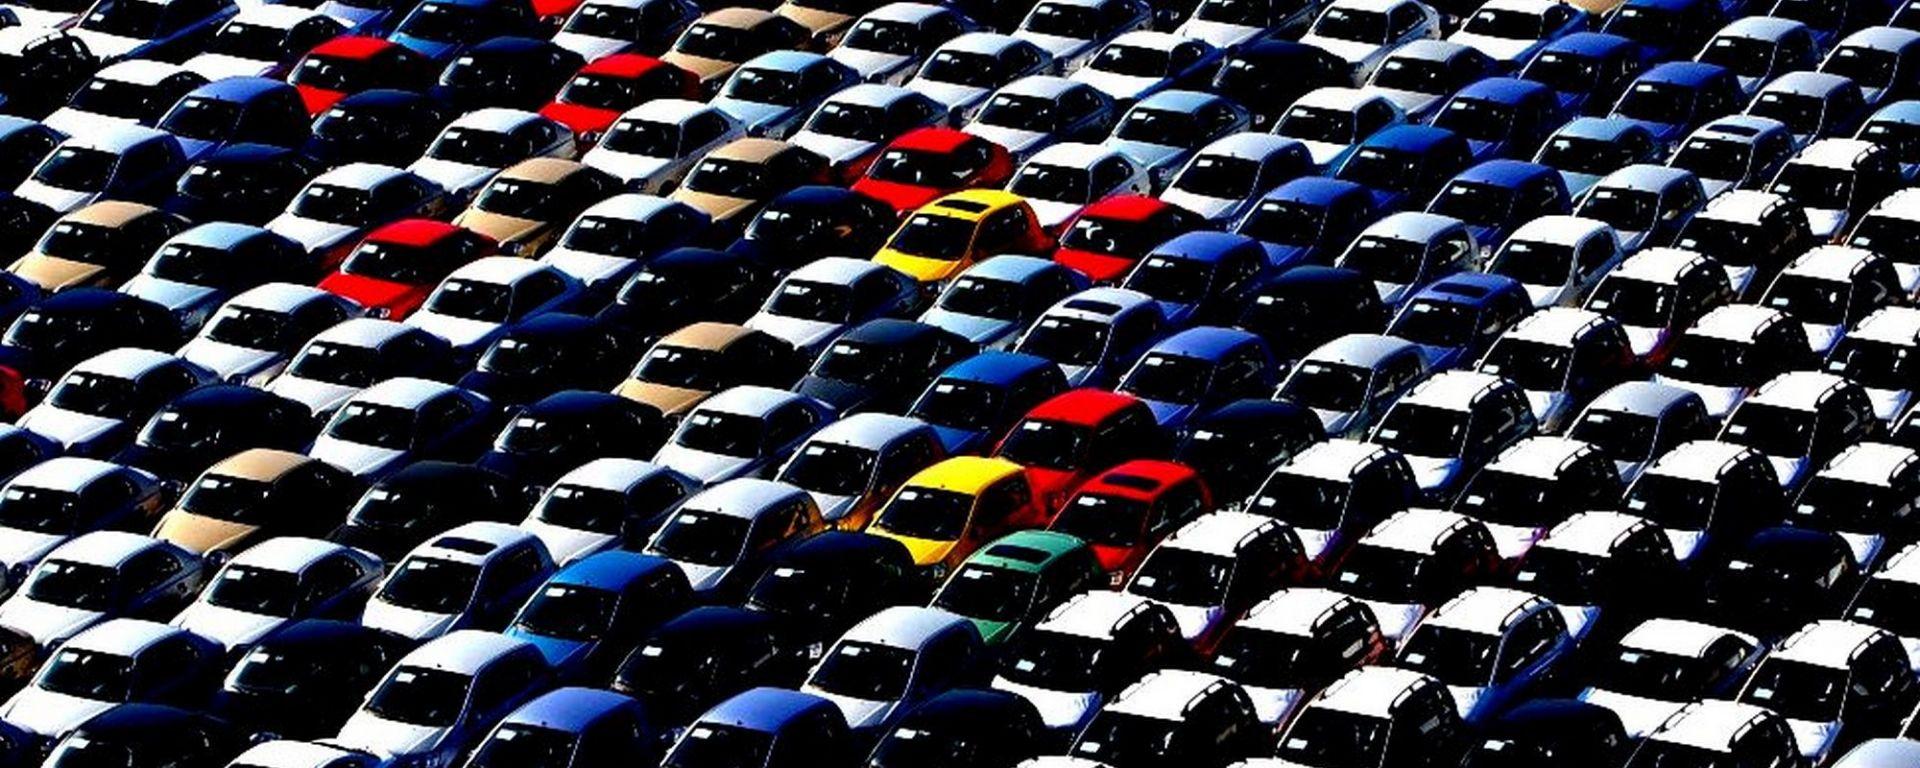 Mercato auto 2017: + 7,9% annuo, sfiorati 2 milioni unità